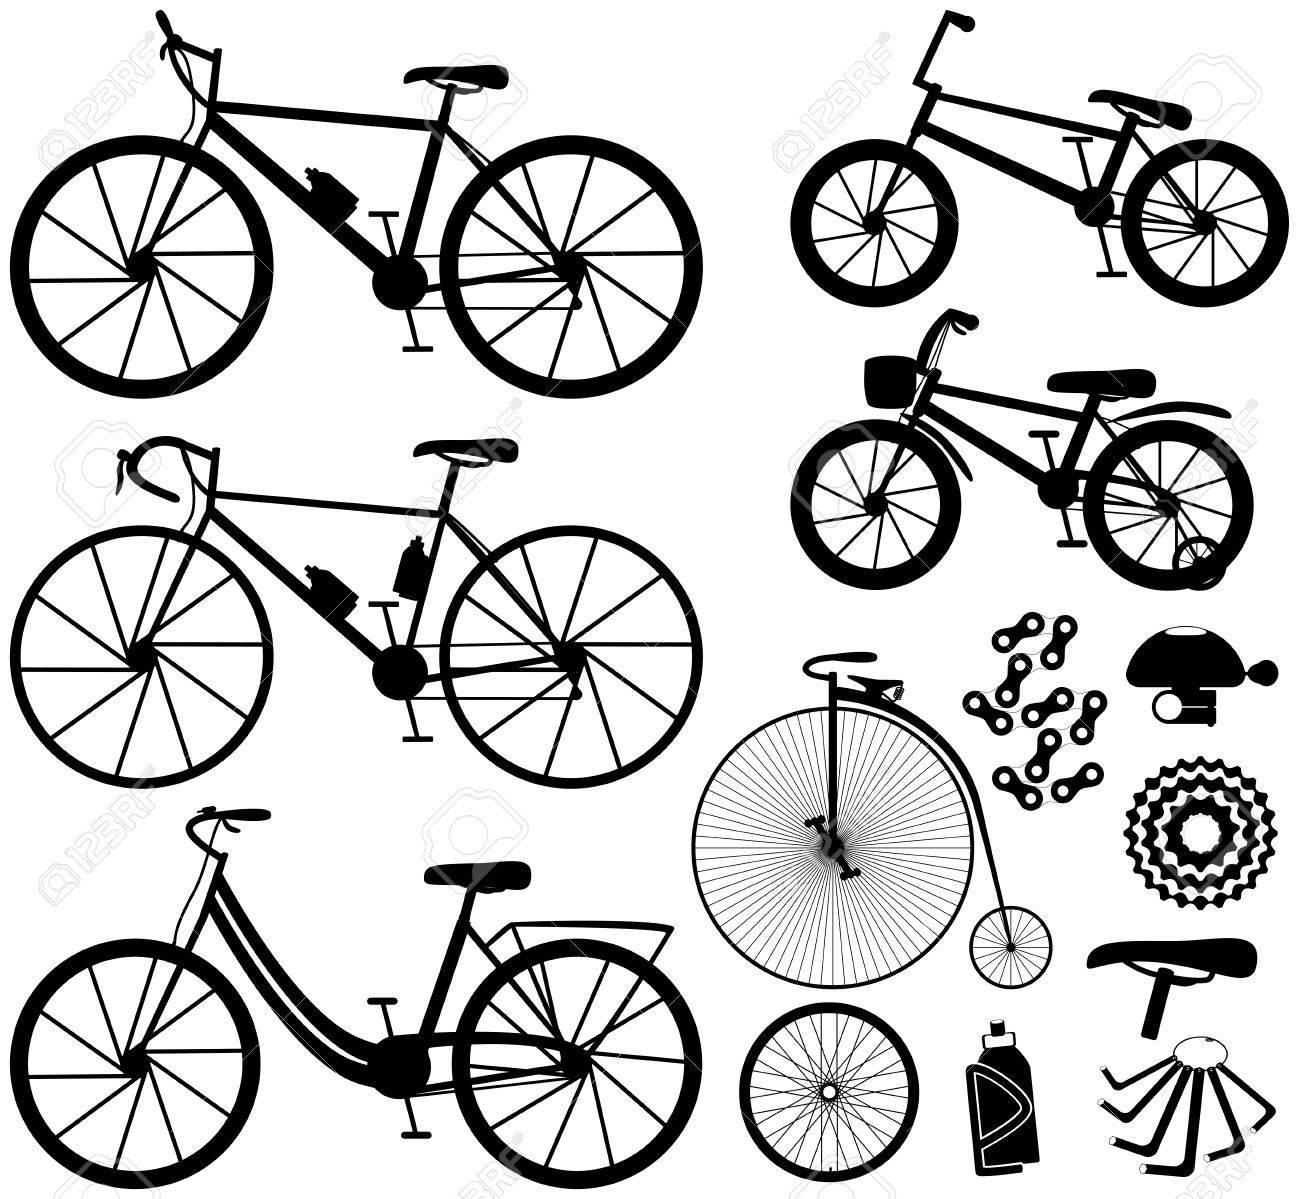 Sechs Arten Von Fahrrädern: Berg- Oder Cross-Country-Bike, Rennrad ...